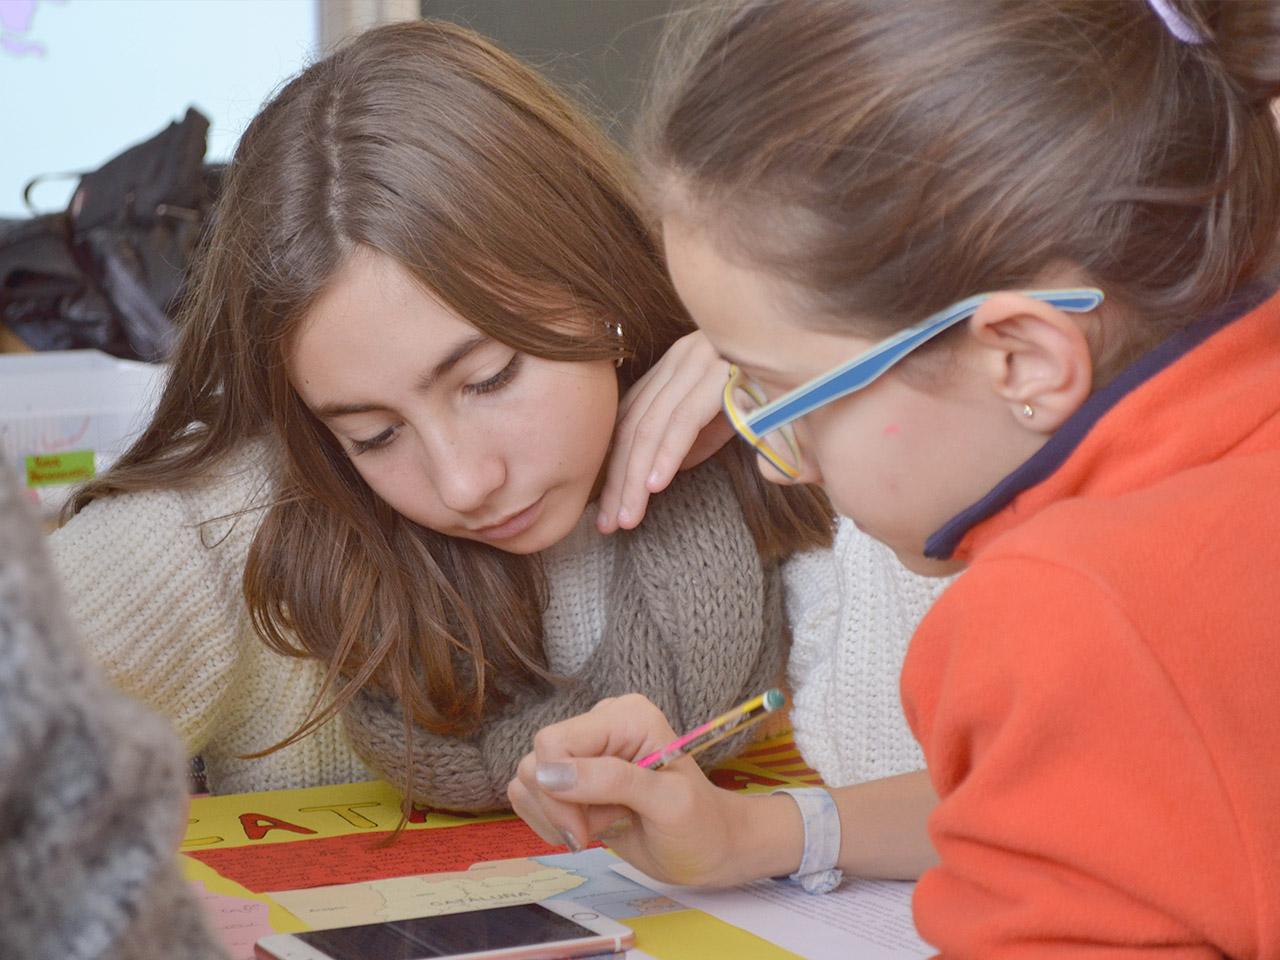 Derecho a la educación. Jóvenes tuteladas estudiando